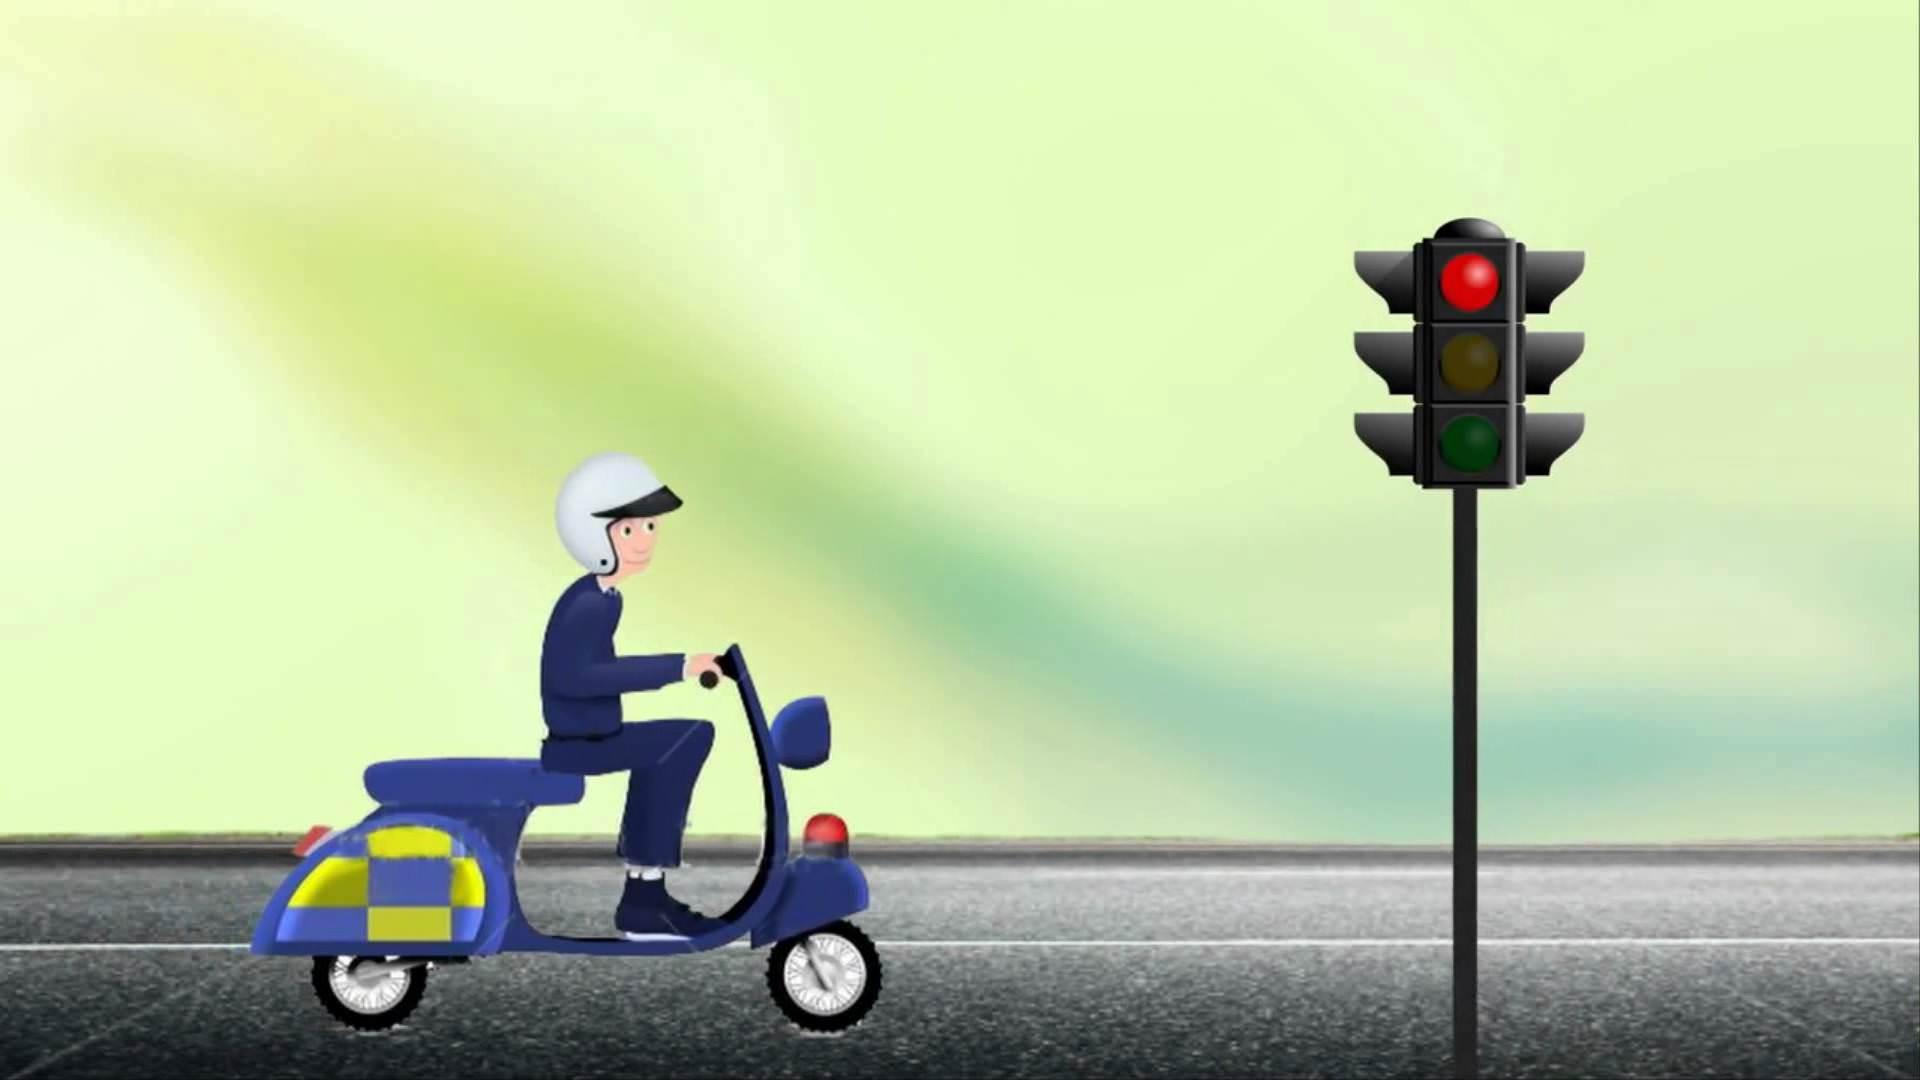 Từ vựng tiếng Anh về Phương tiện giao thông